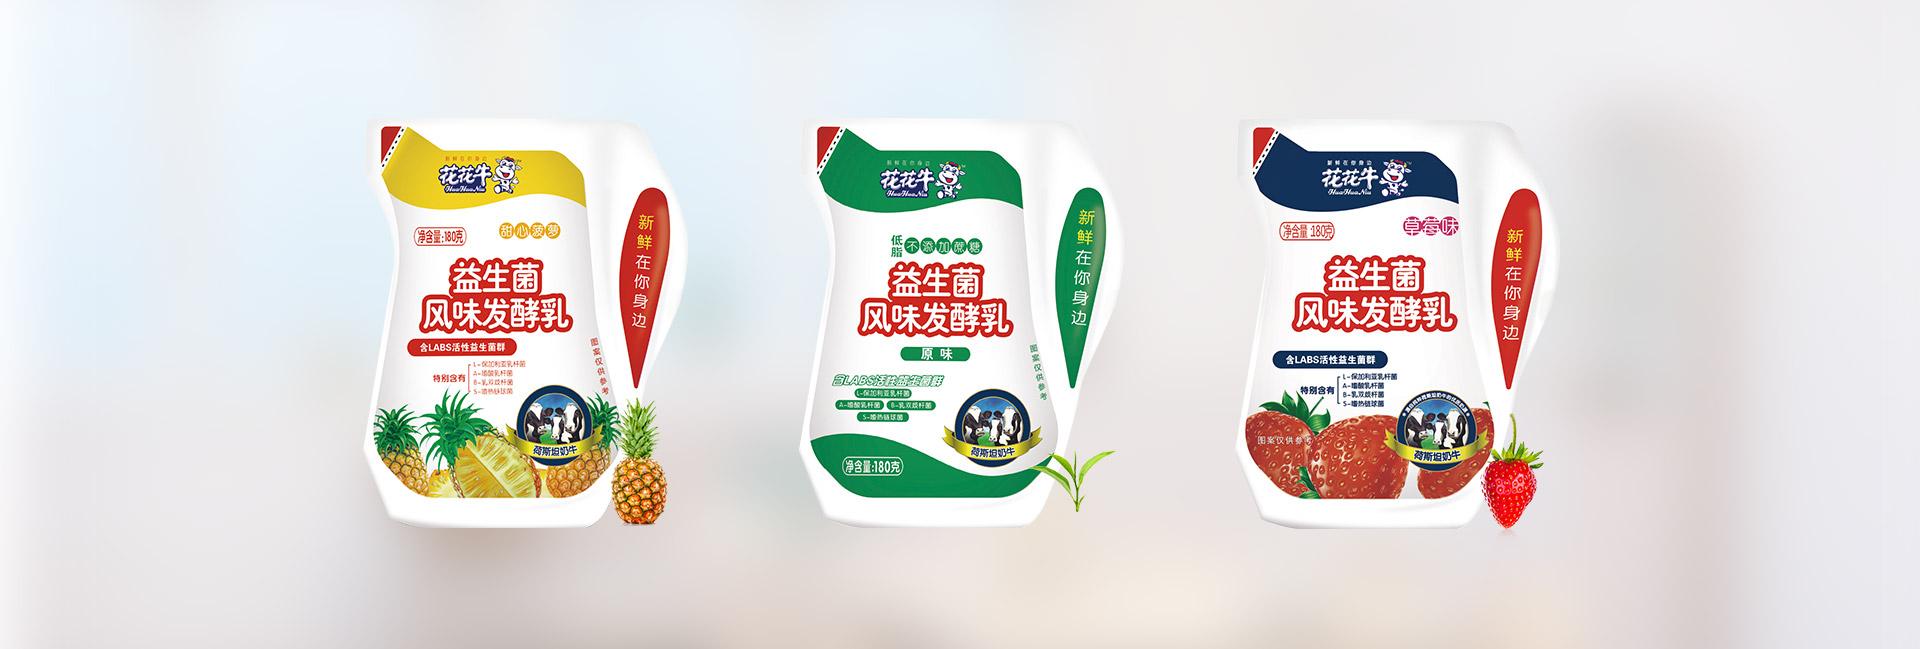 益生菌发酵乳